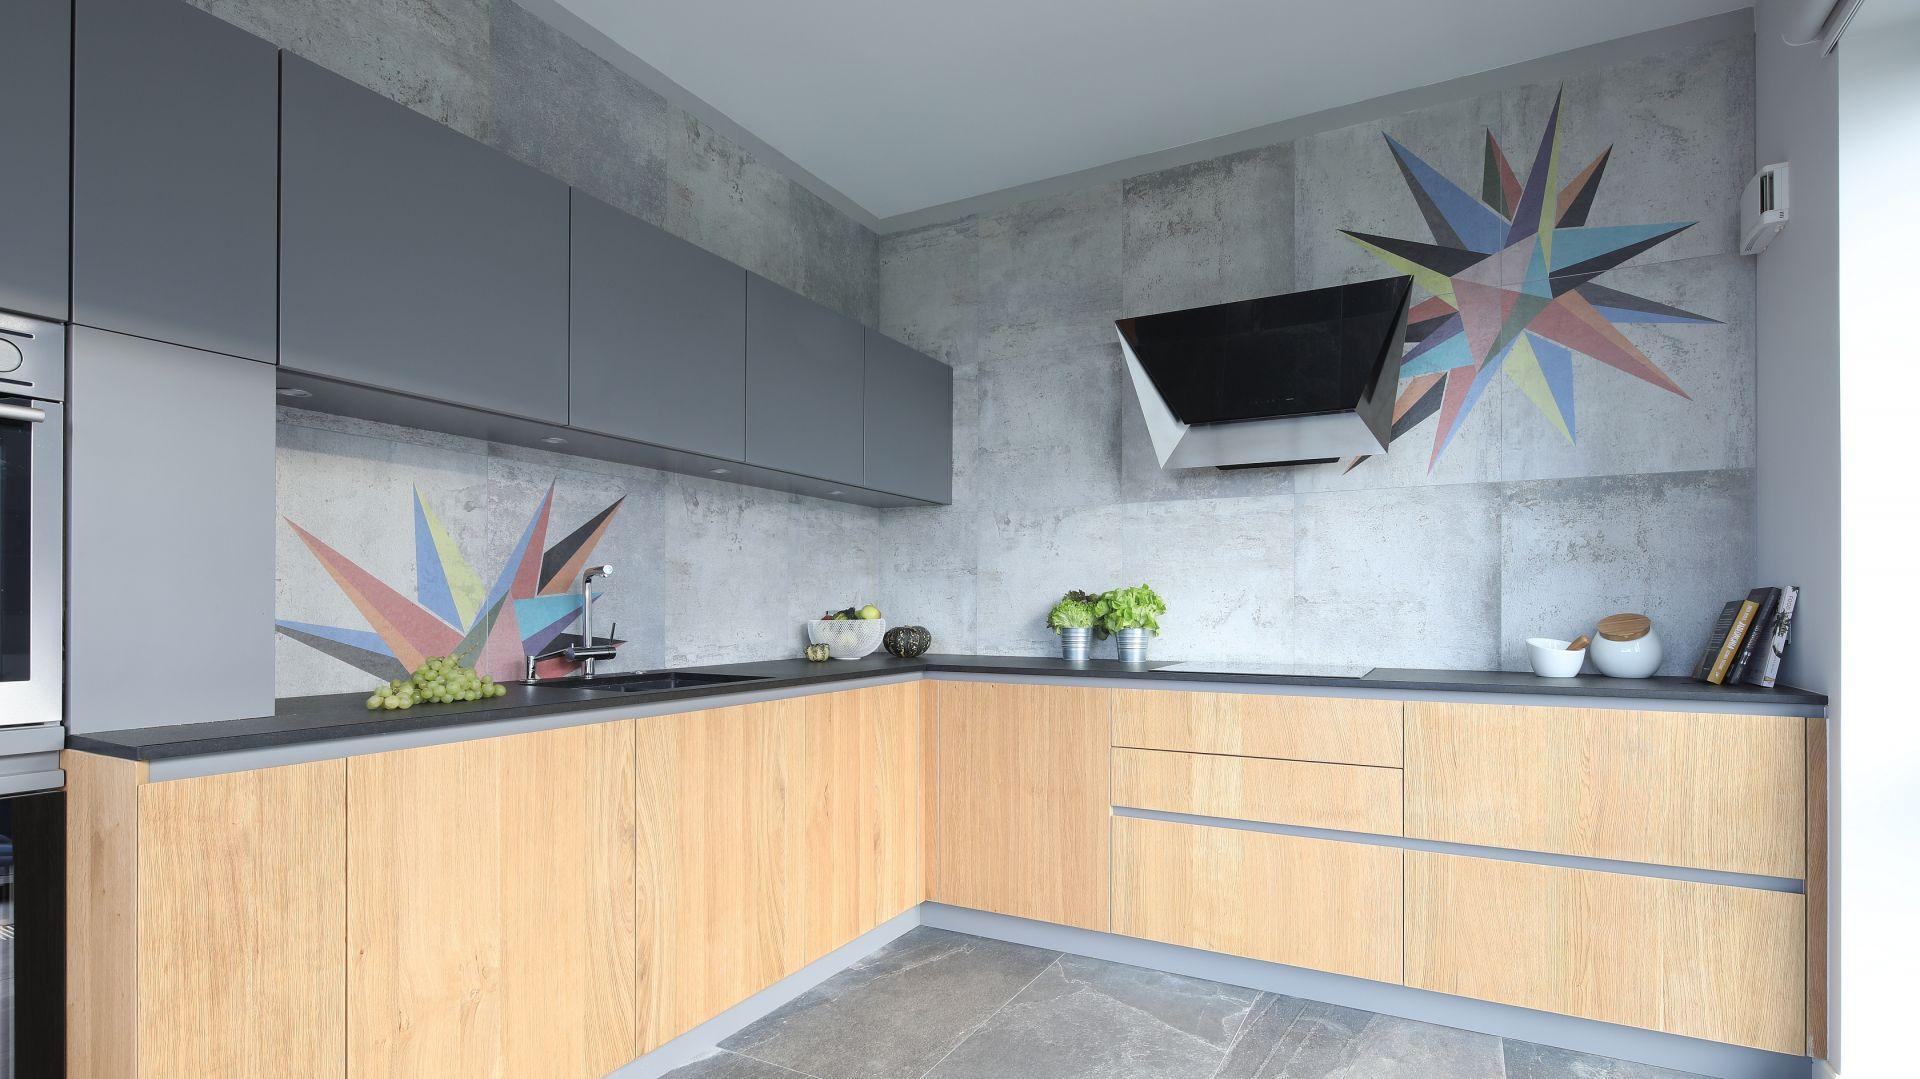 Ściana nad blatem - 20 pięknych zdjęć z polskich domów. Projekt: Magdalena Lehmann. Fot. Bartosz Jarosz